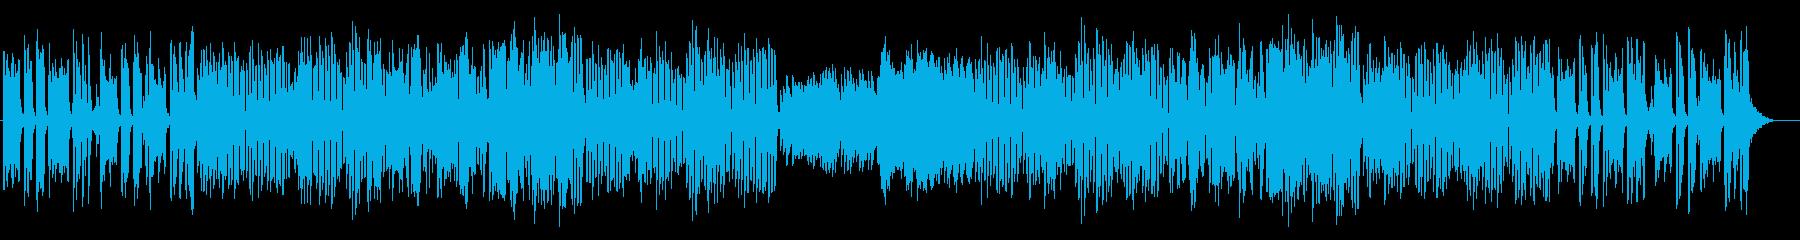 ハロウィン・コミカル・不気味・ゴシックの再生済みの波形